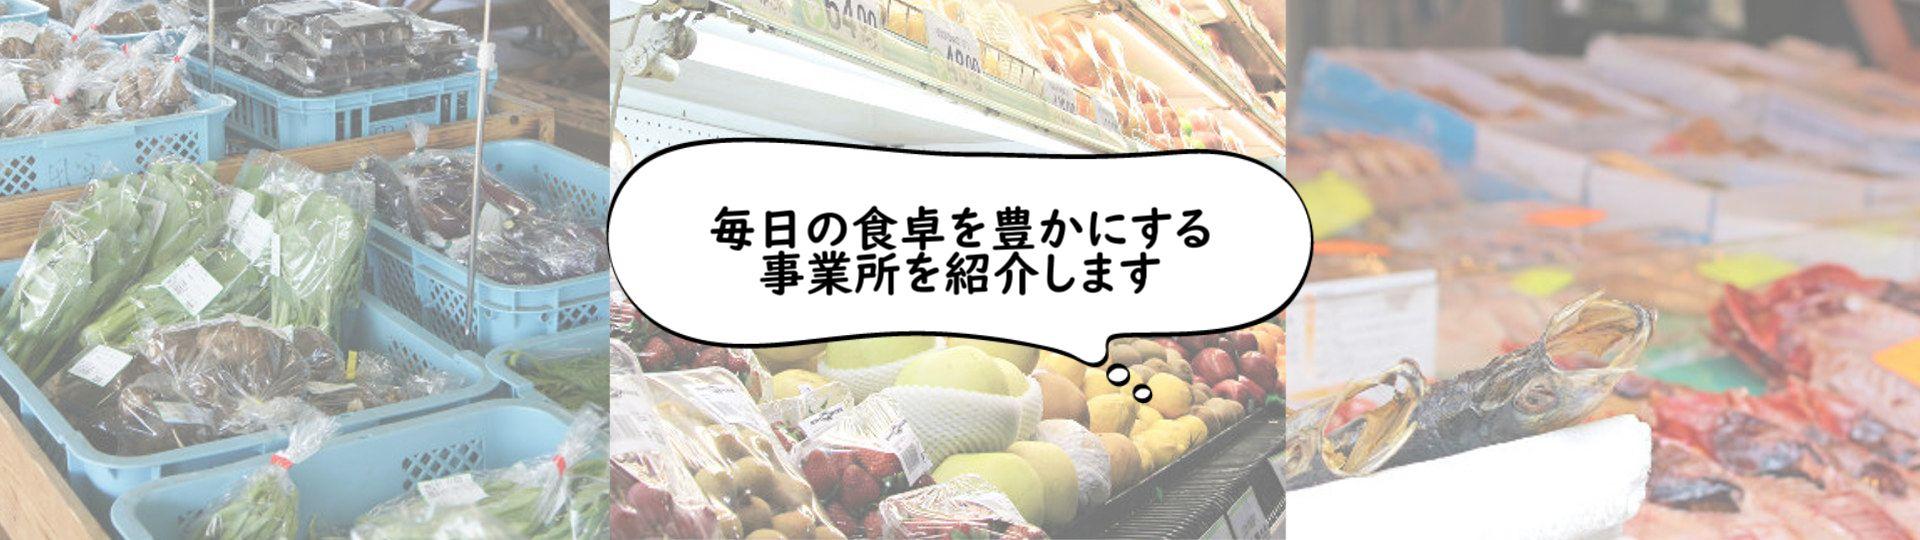 スーパー・コンビニ・食料品